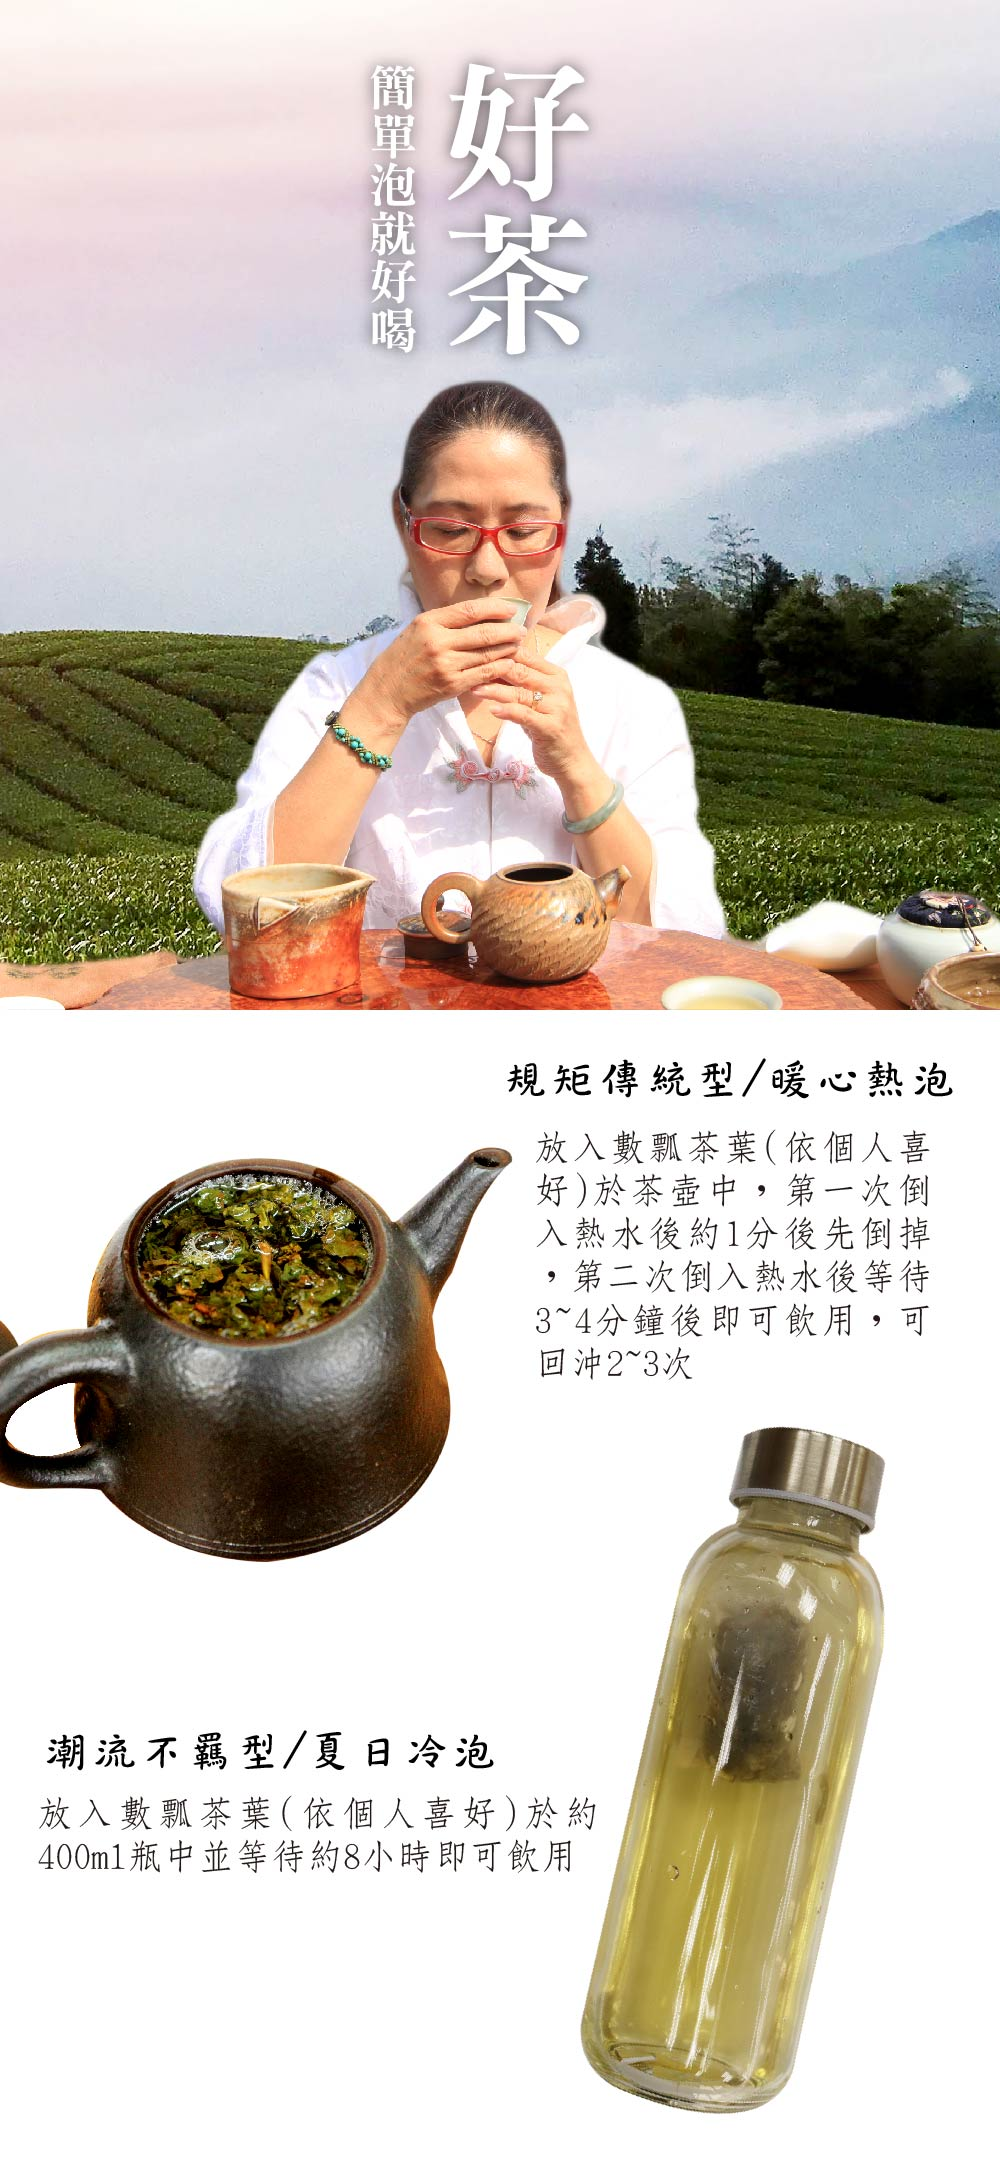 阿里山金萱茶-好茶簡單泡/熱泡/冷泡都好喝